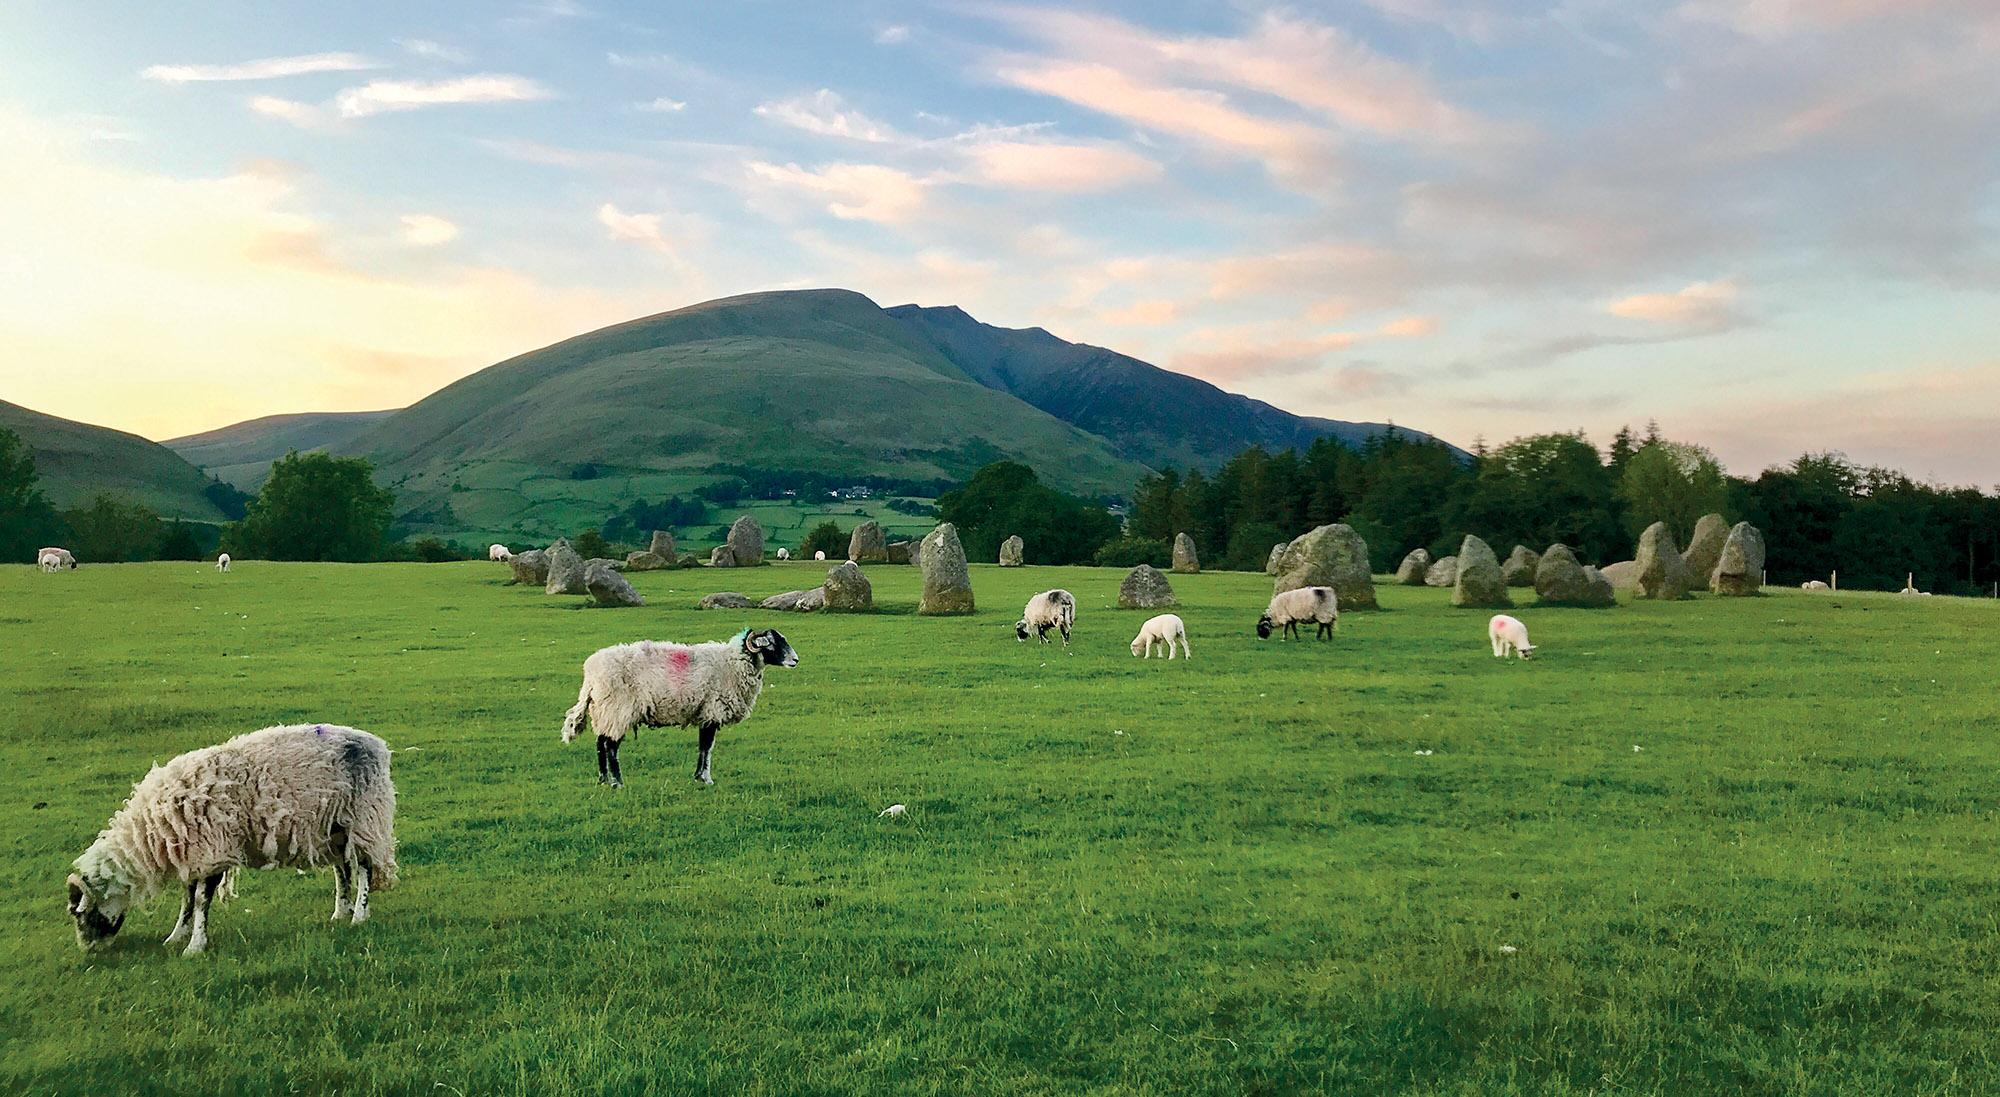 địa điểm thảo nguyên xanh và đàn cừu